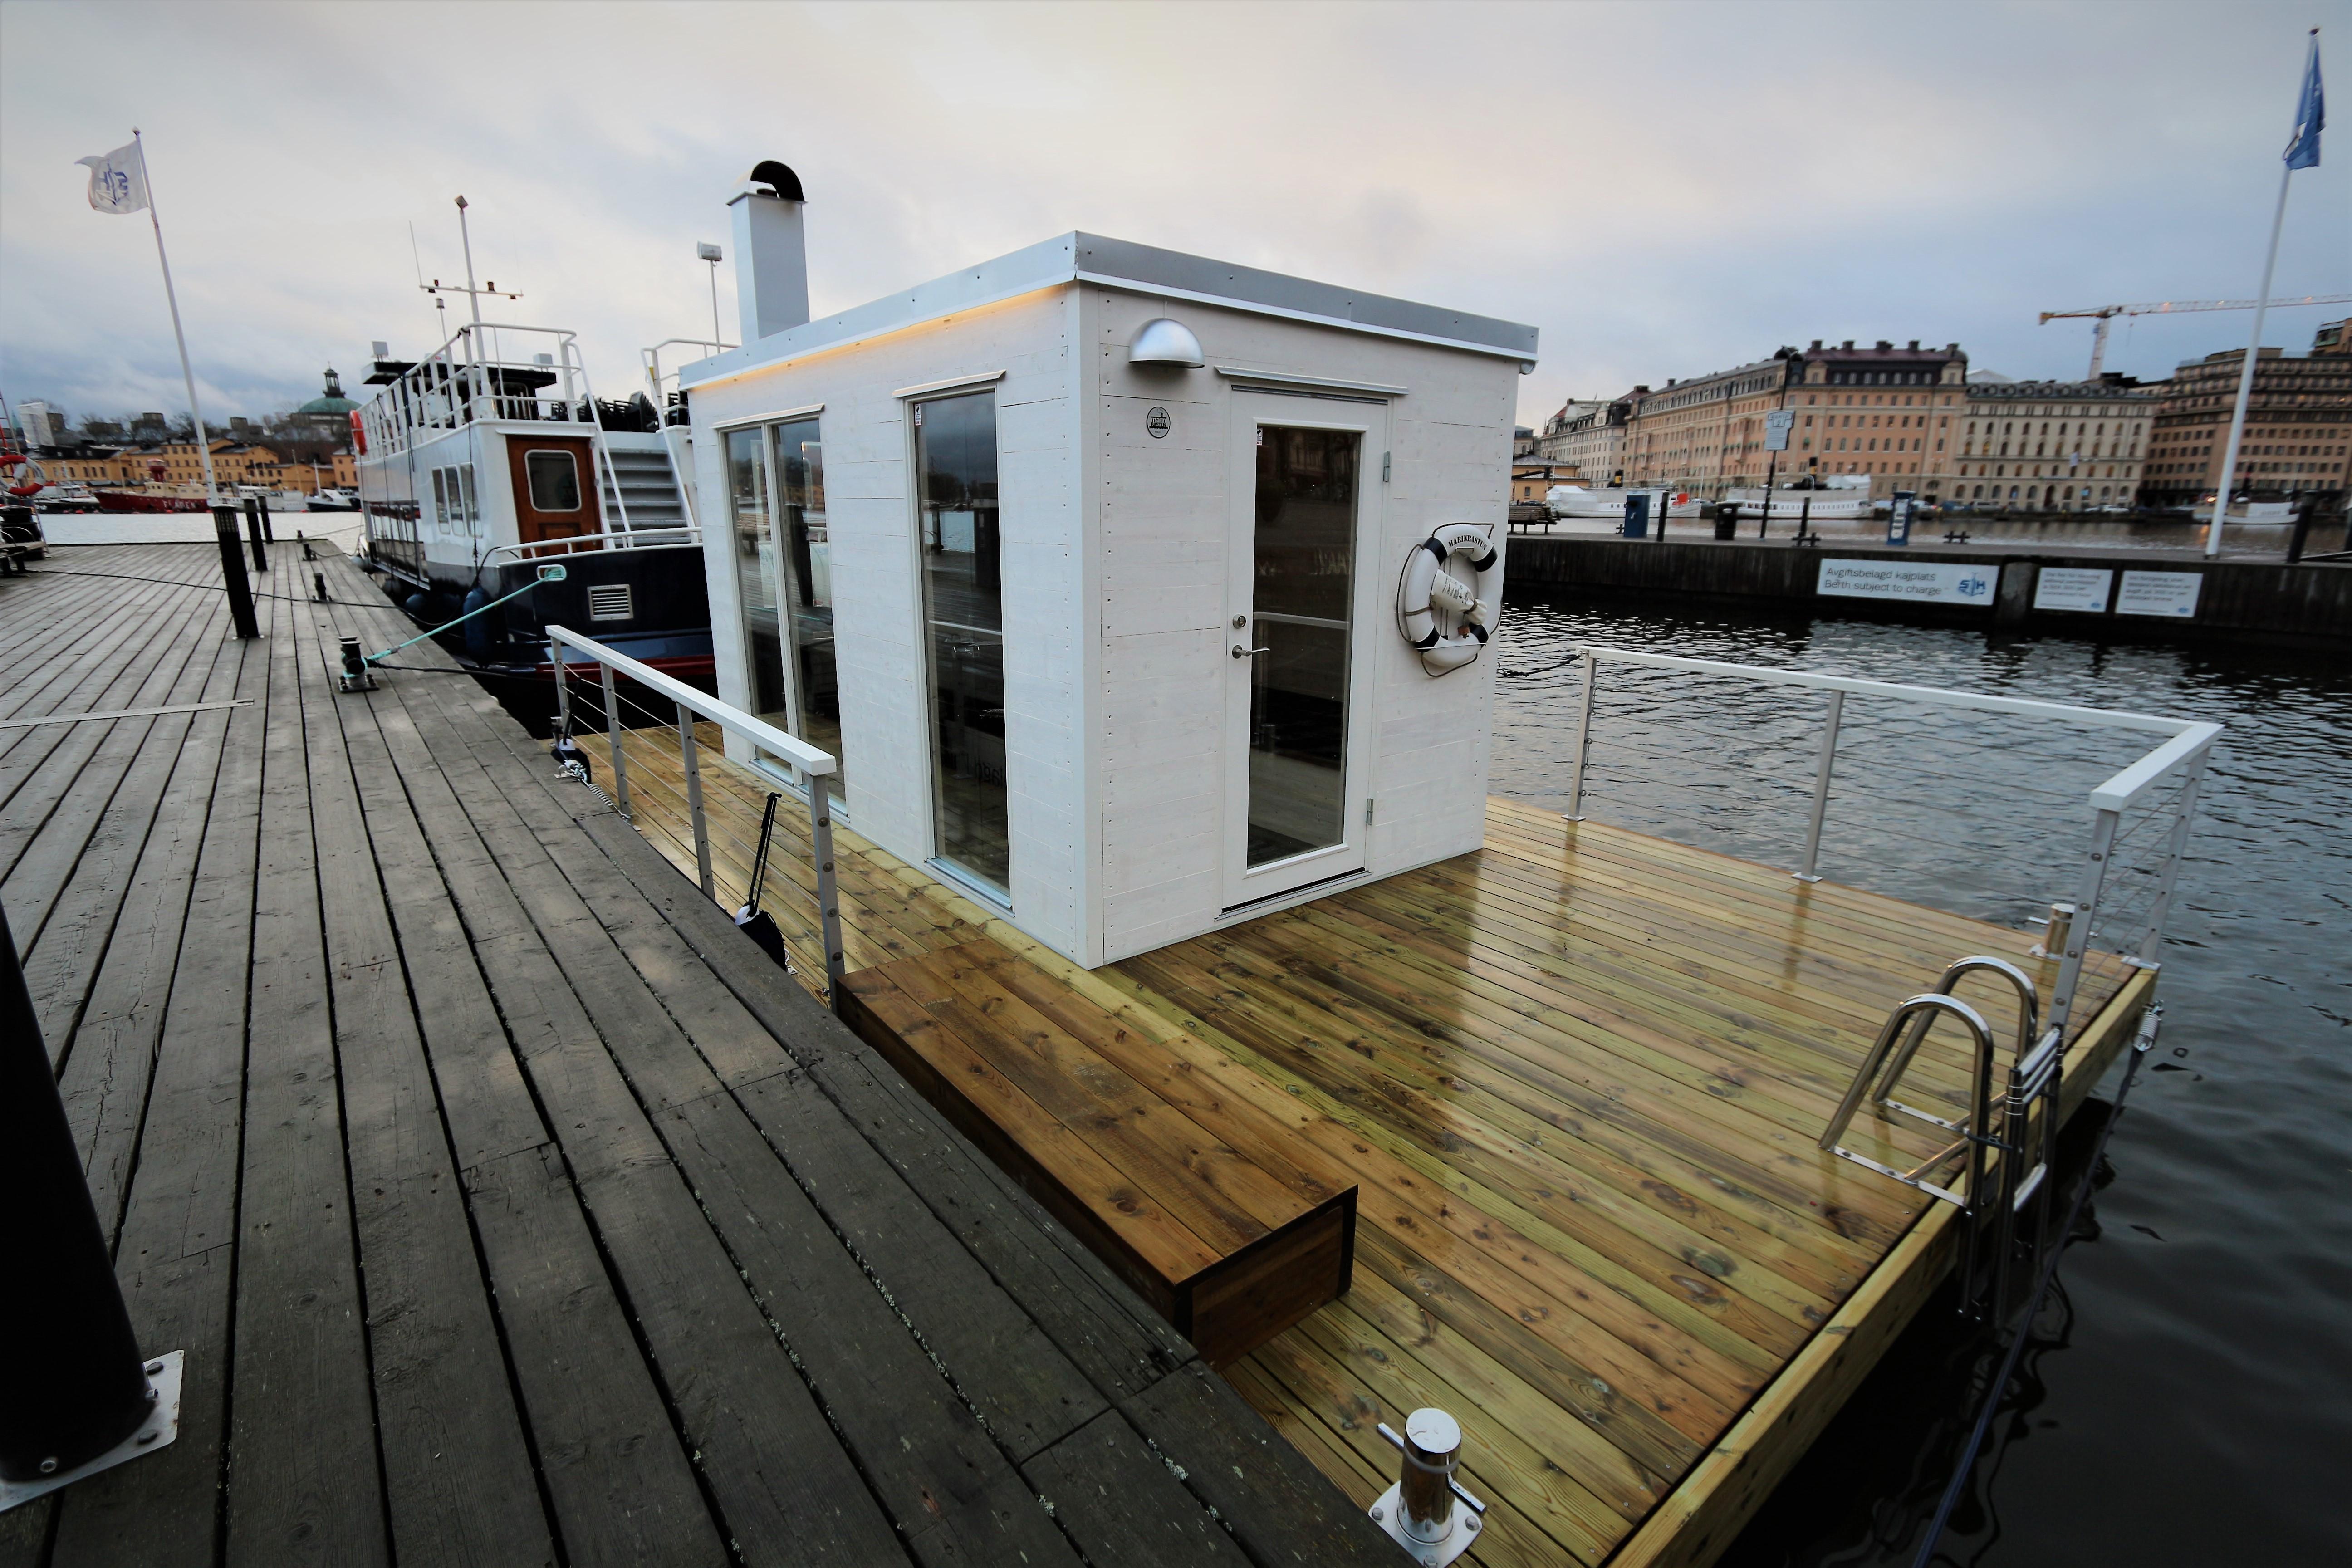 Bastuflotte visningsex reas